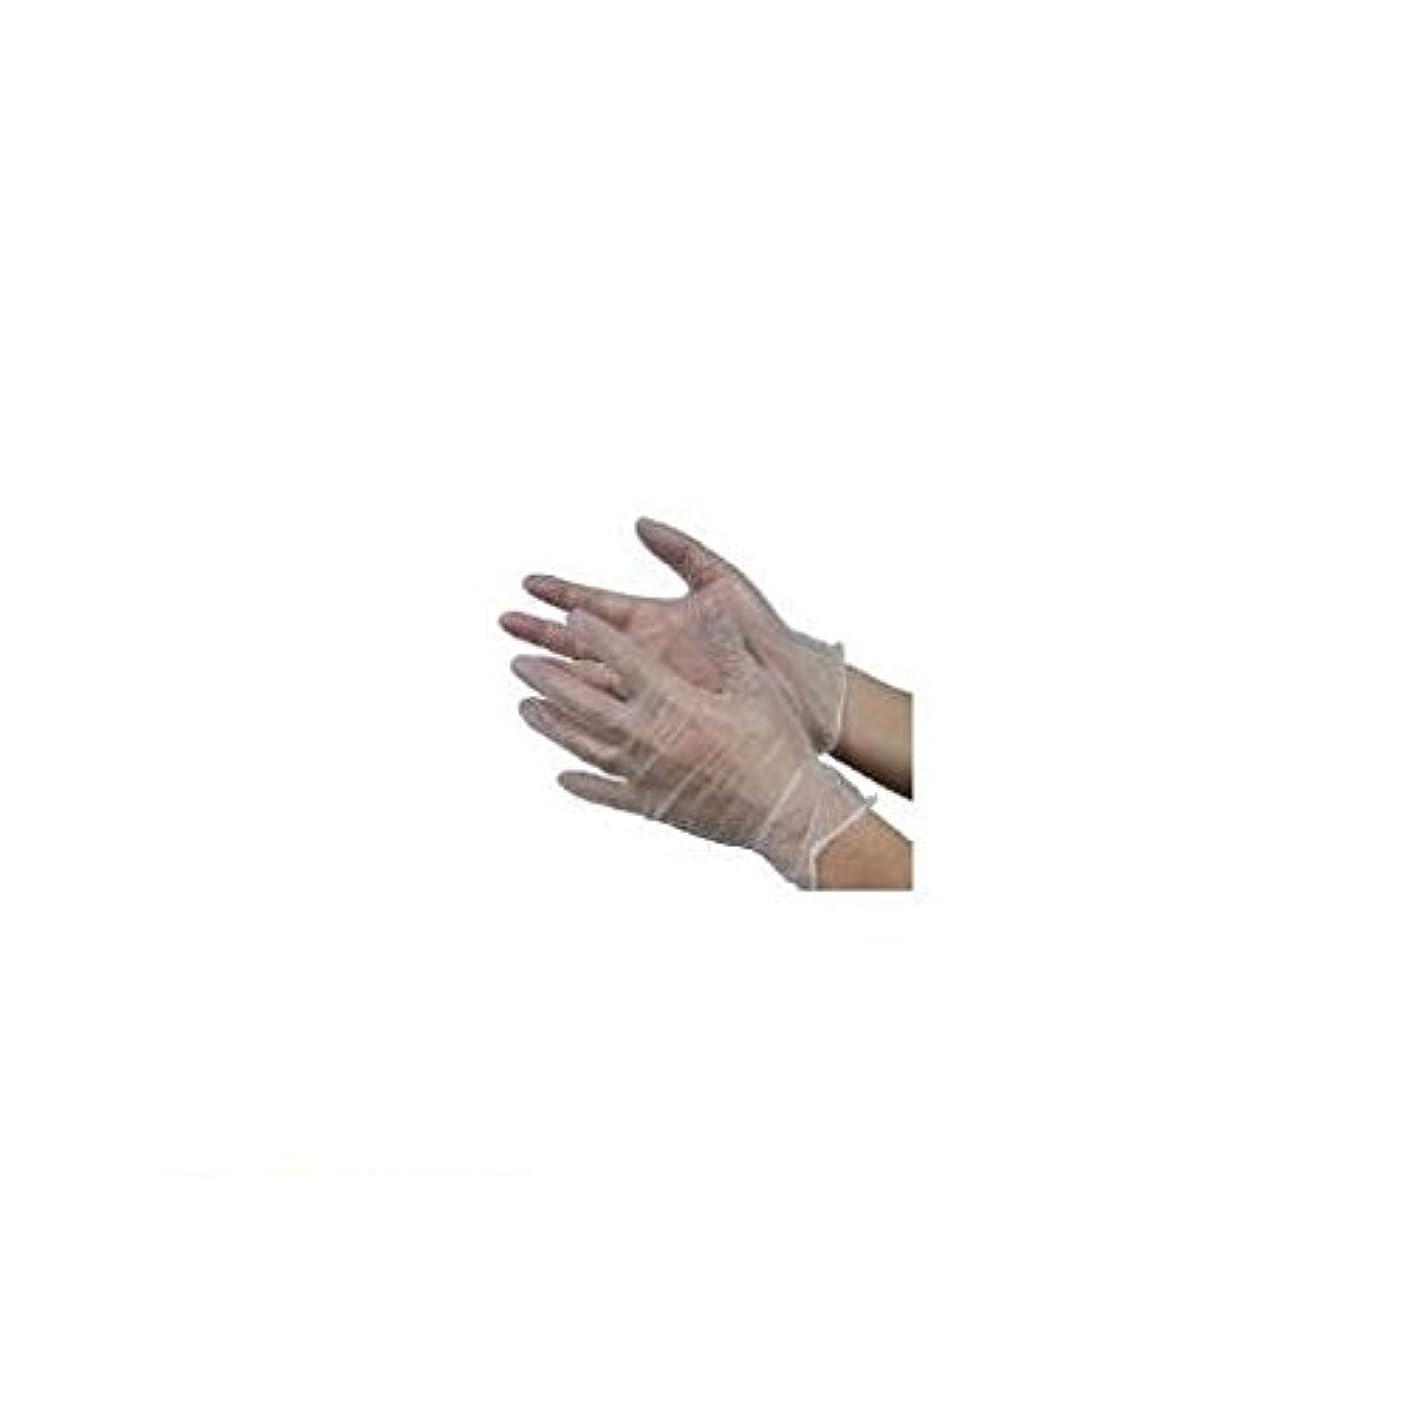 仕様どんなときも一致するBV88228 モデルローブビニール使いきり手袋【粉つき】S 100枚入 NO930